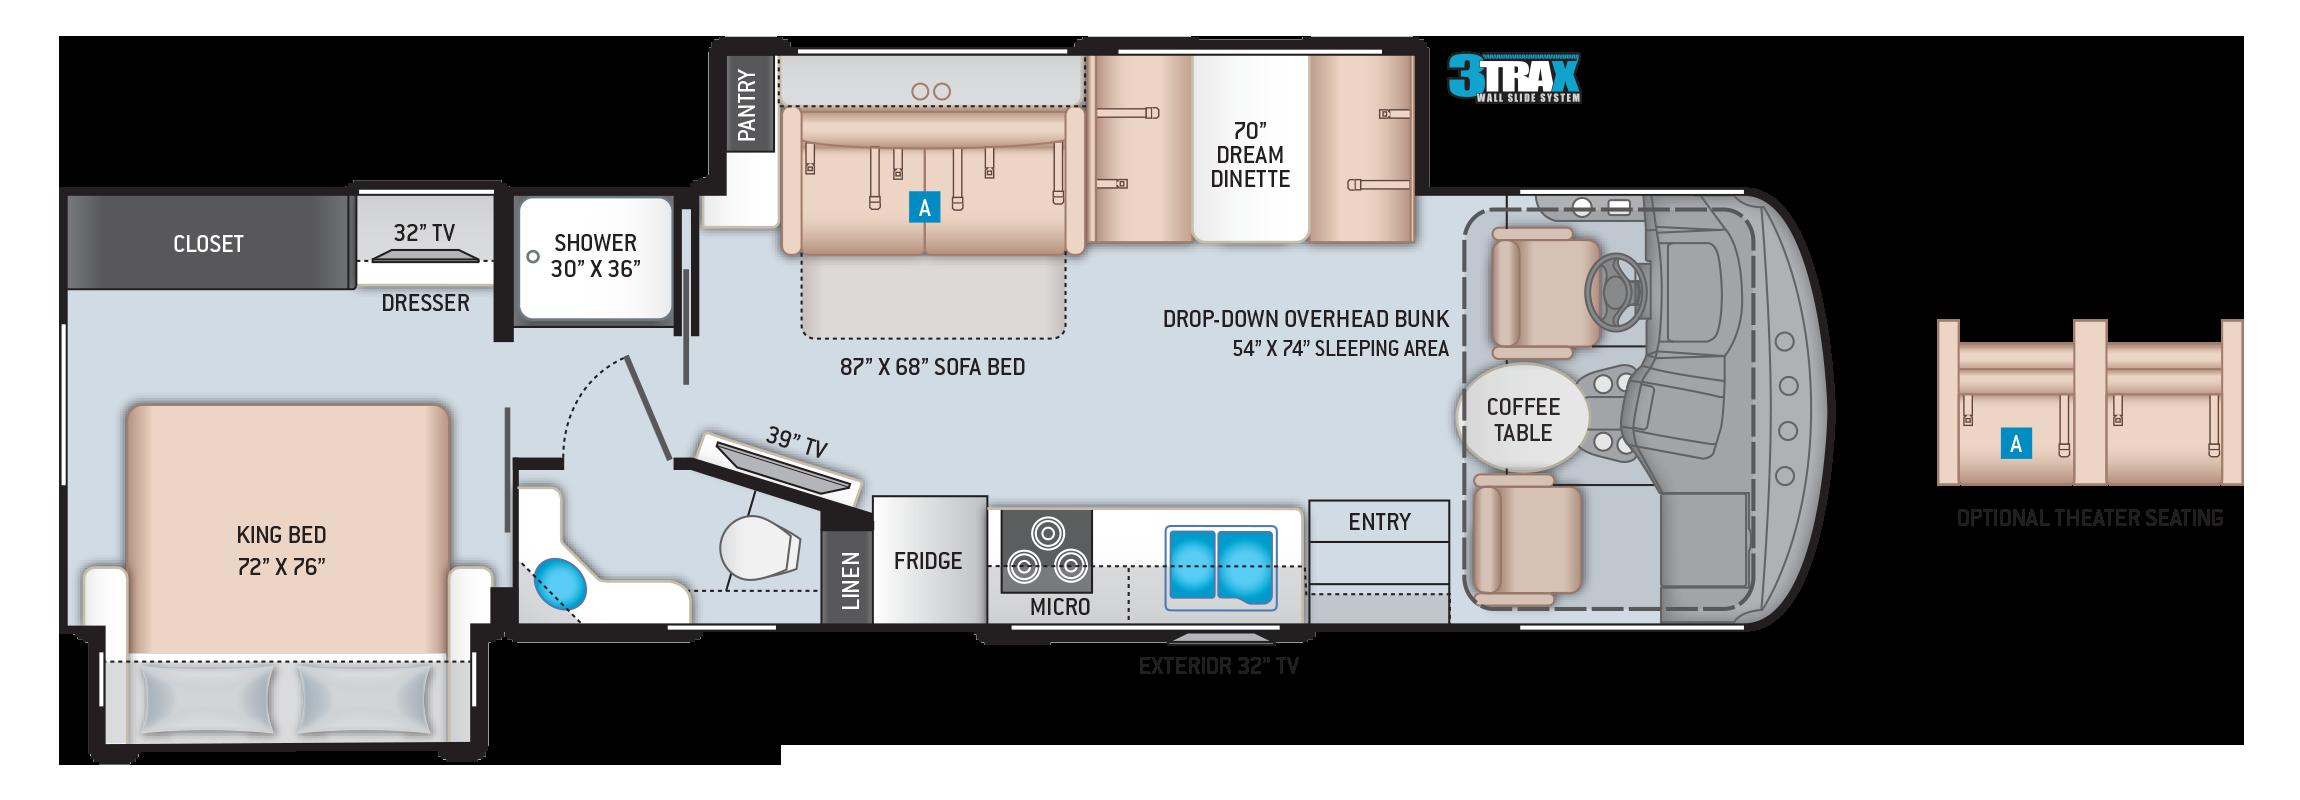 Hurricane Class A Motorhome Floor Plan 32T